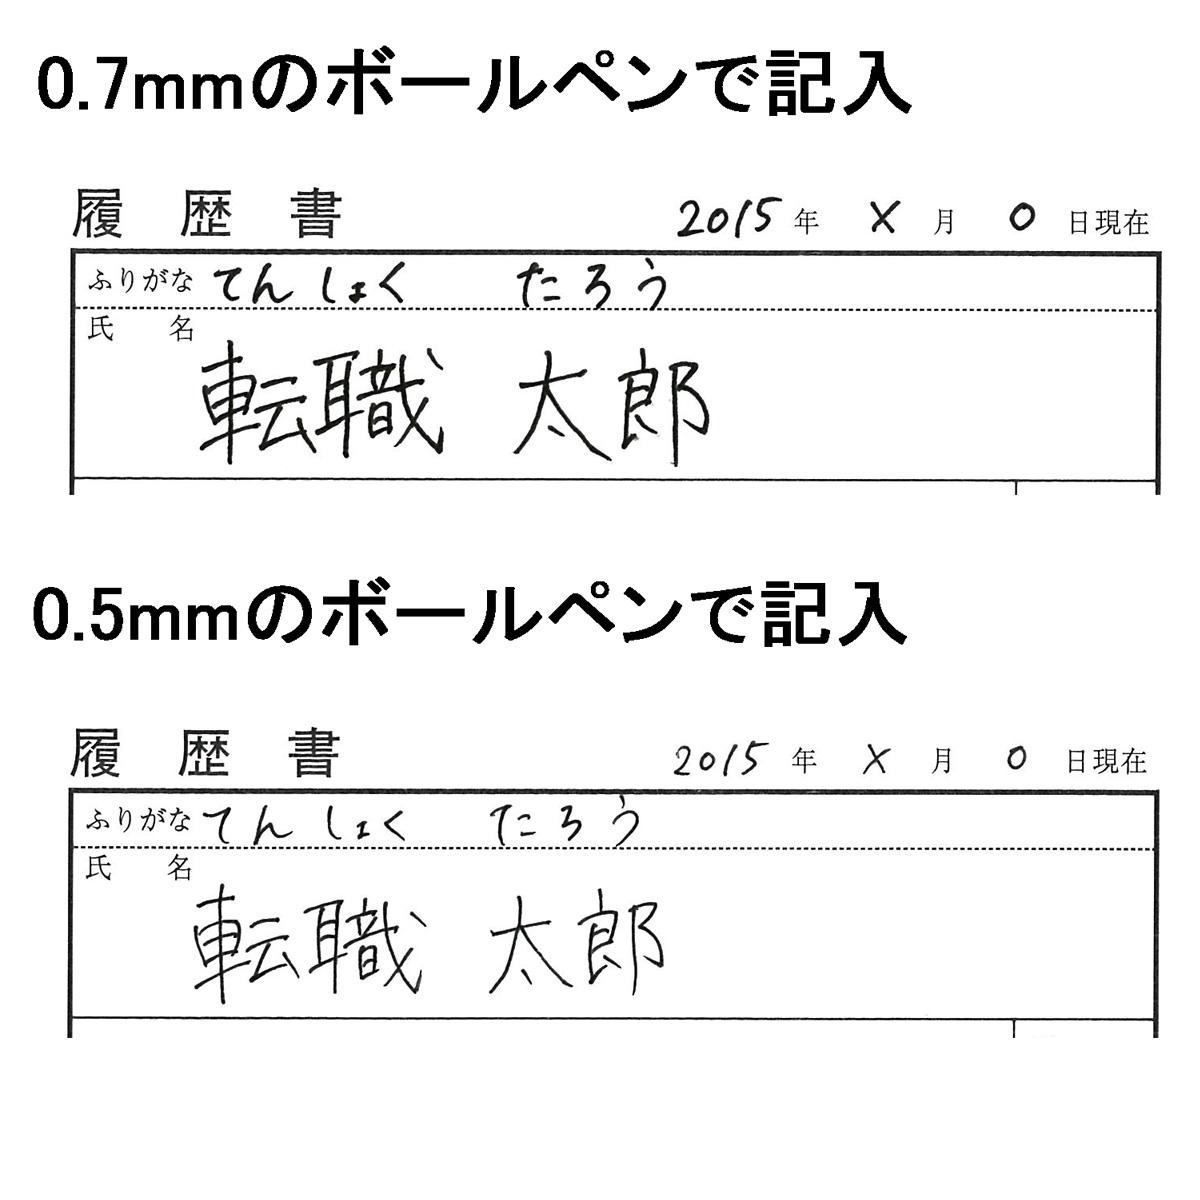 ボールペン0.7mmと0.5mm比較